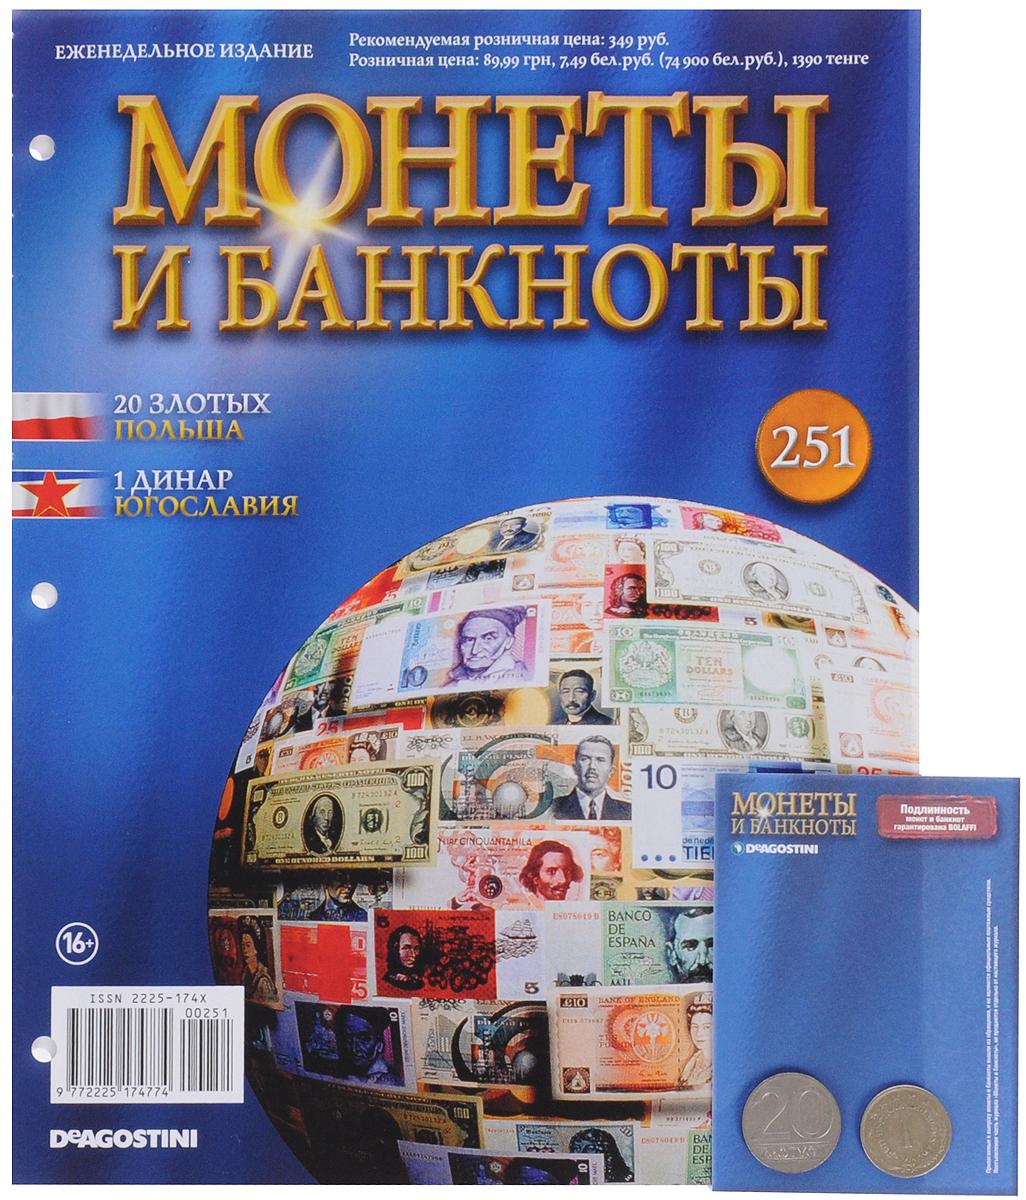 Журнал Монеты и банкноты №251 монеты в сургуте я продаю